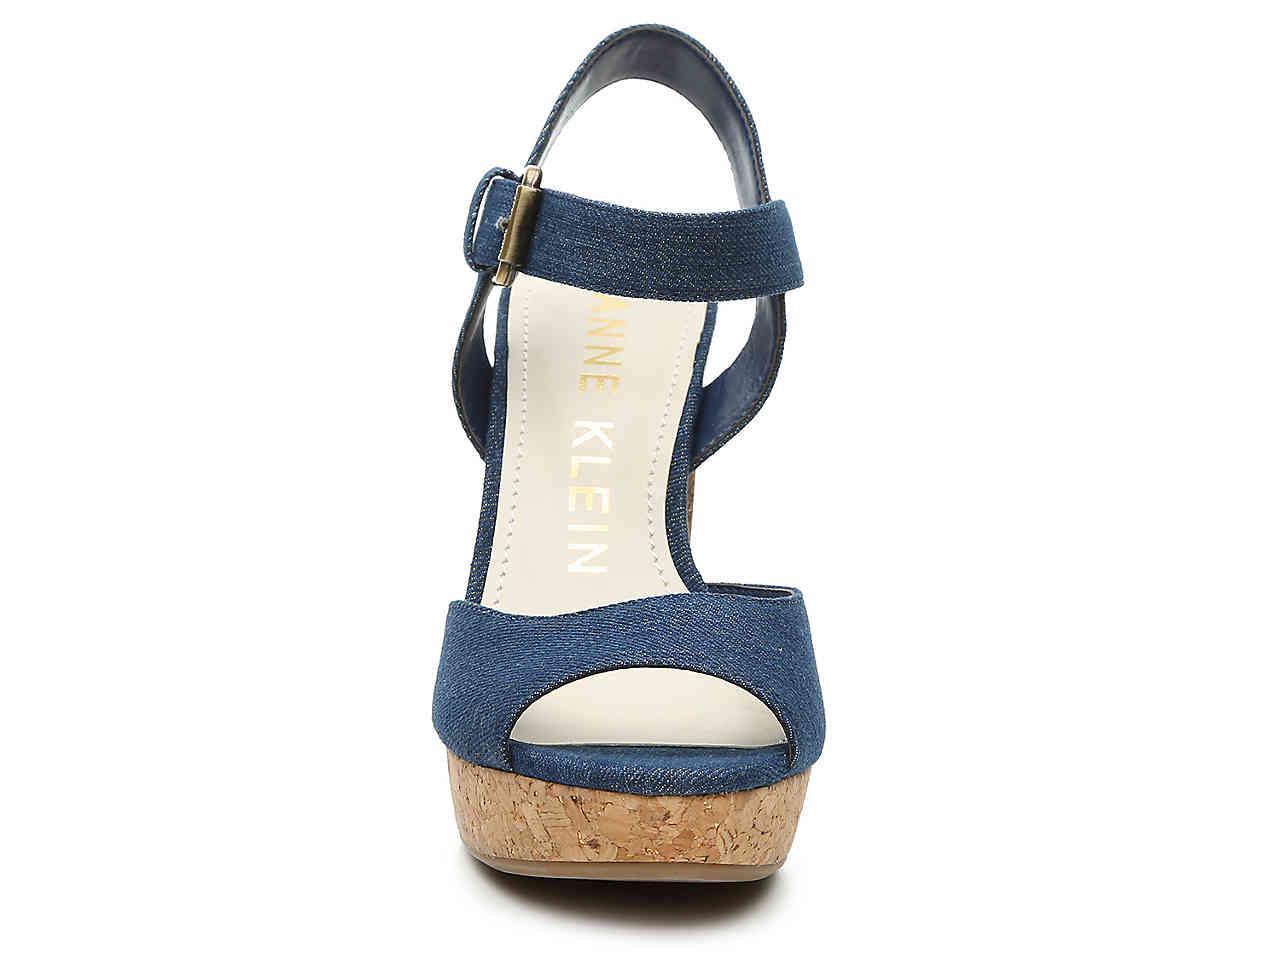 59285e56e59 Anne Klein - Blue Lyza Platform Sandal - Lyst. View fullscreen